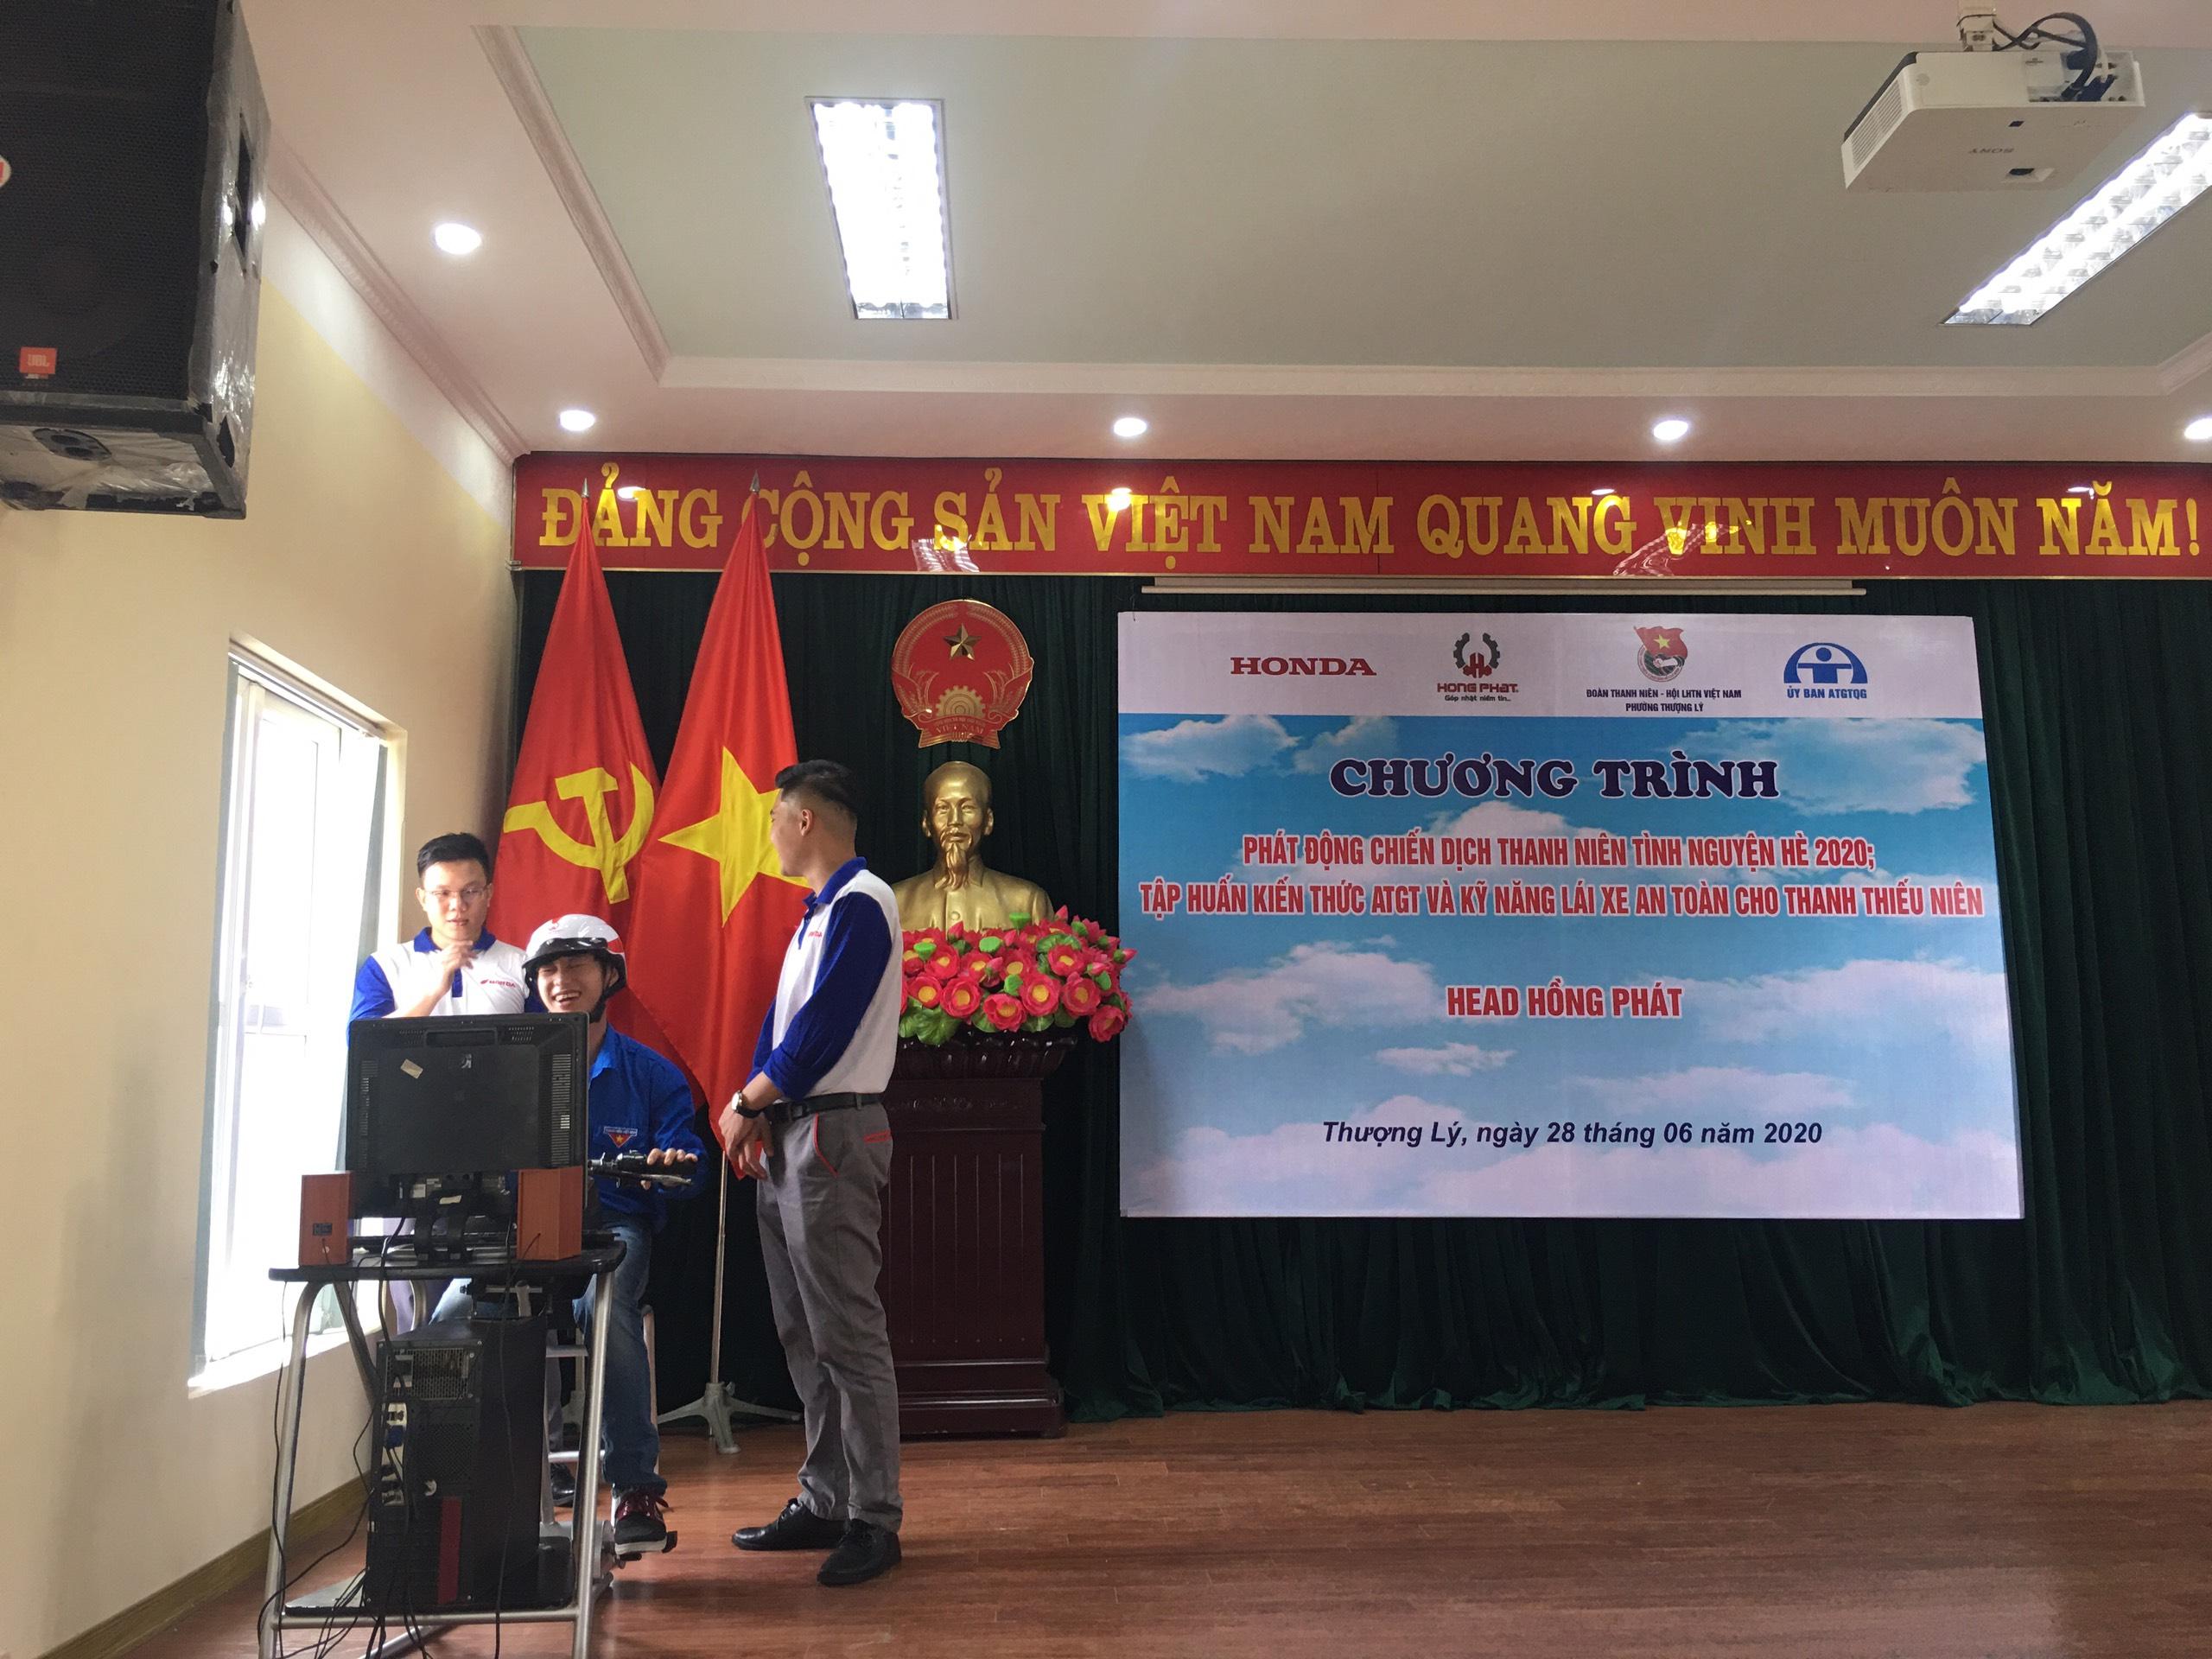 Honda Hồng Phát đồng hành cùng Ngày hội thanh niên với văn hóa giao thông 2020